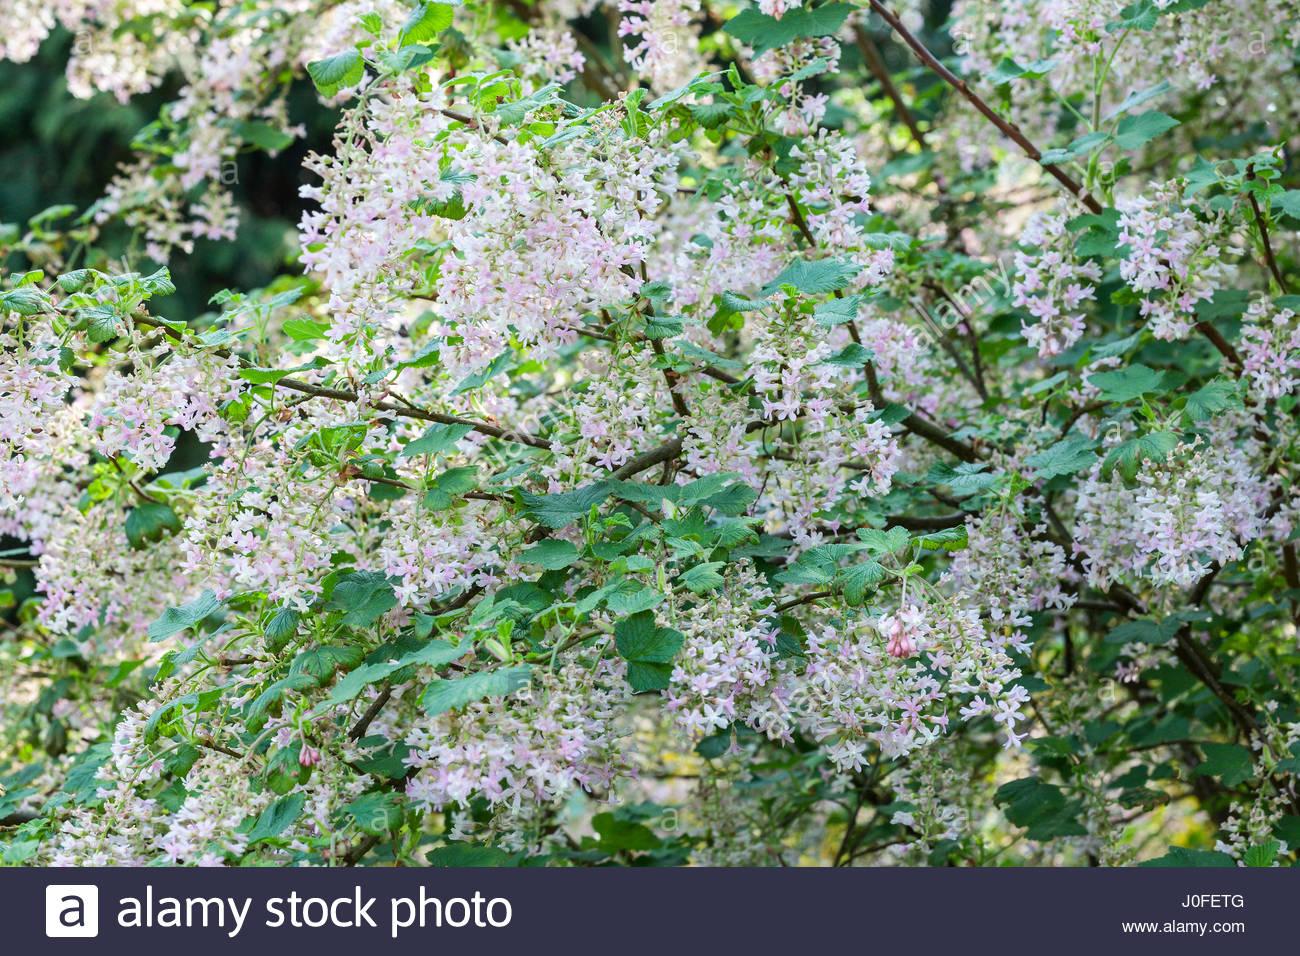 White flowering currant stock photos white flowering currant stock ribes sanguineum tydemans white flowering currant in spring mightylinksfo